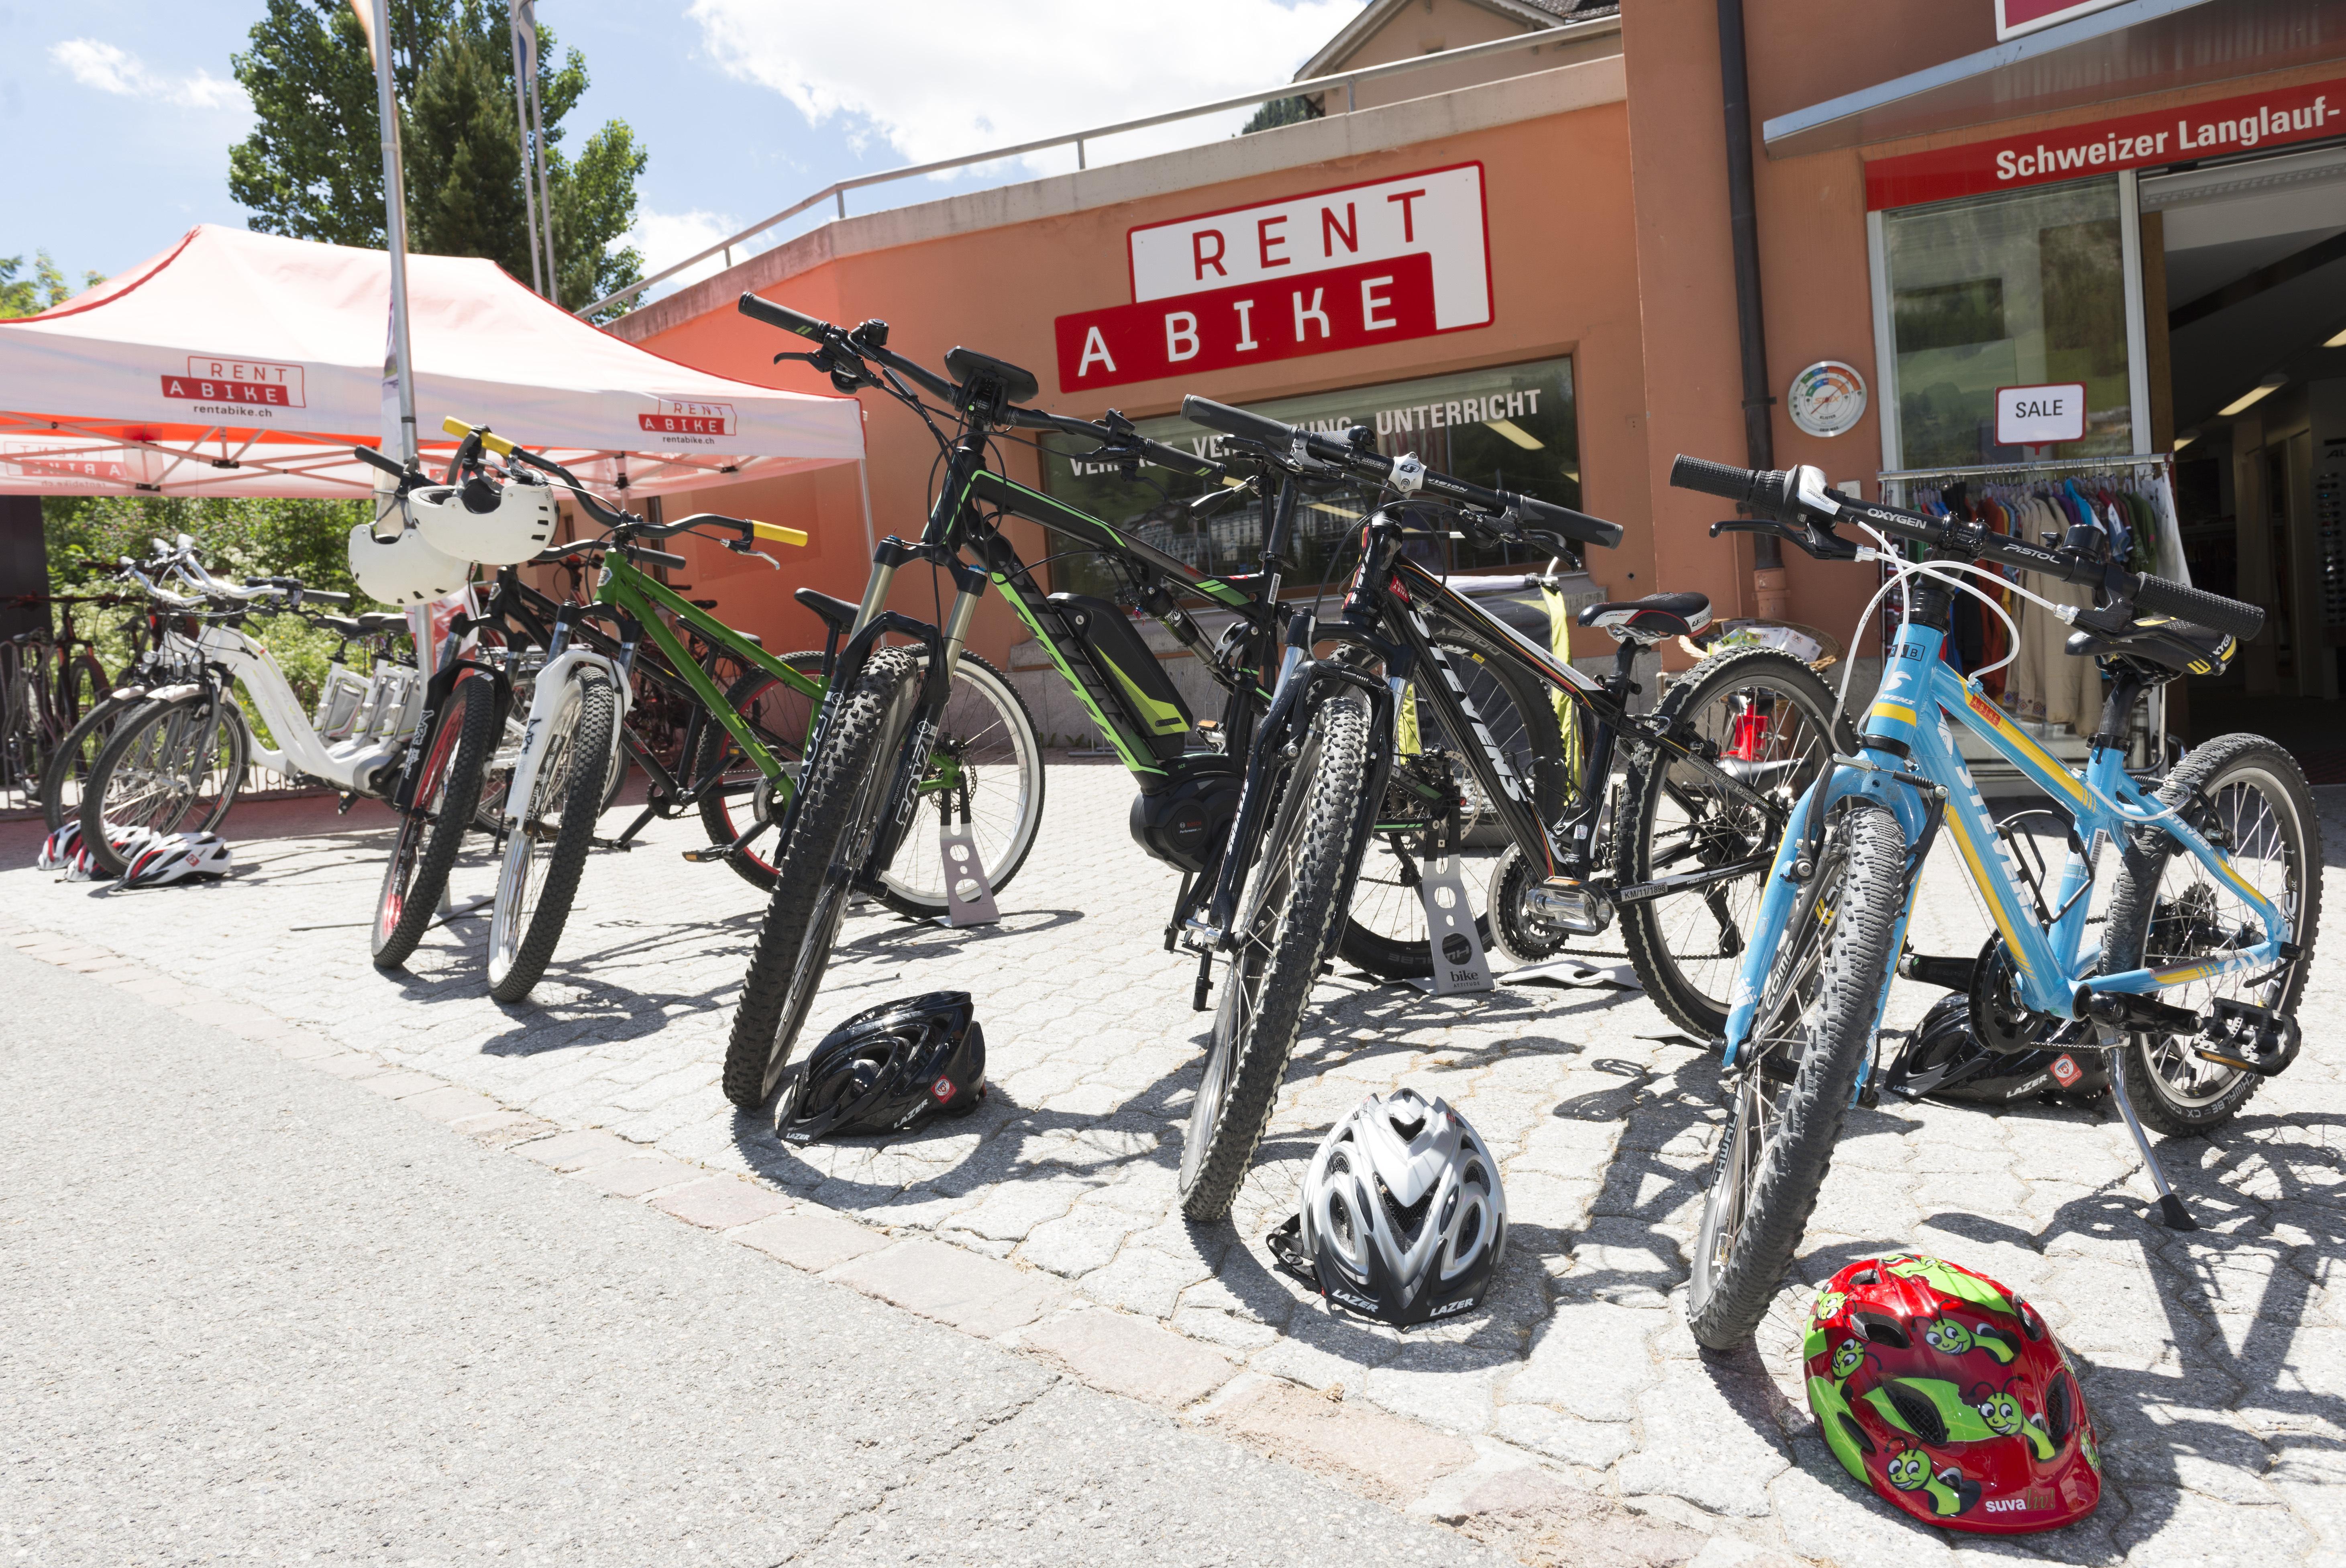 Schweizer Langlauf- und Bikezentrum Slide 1